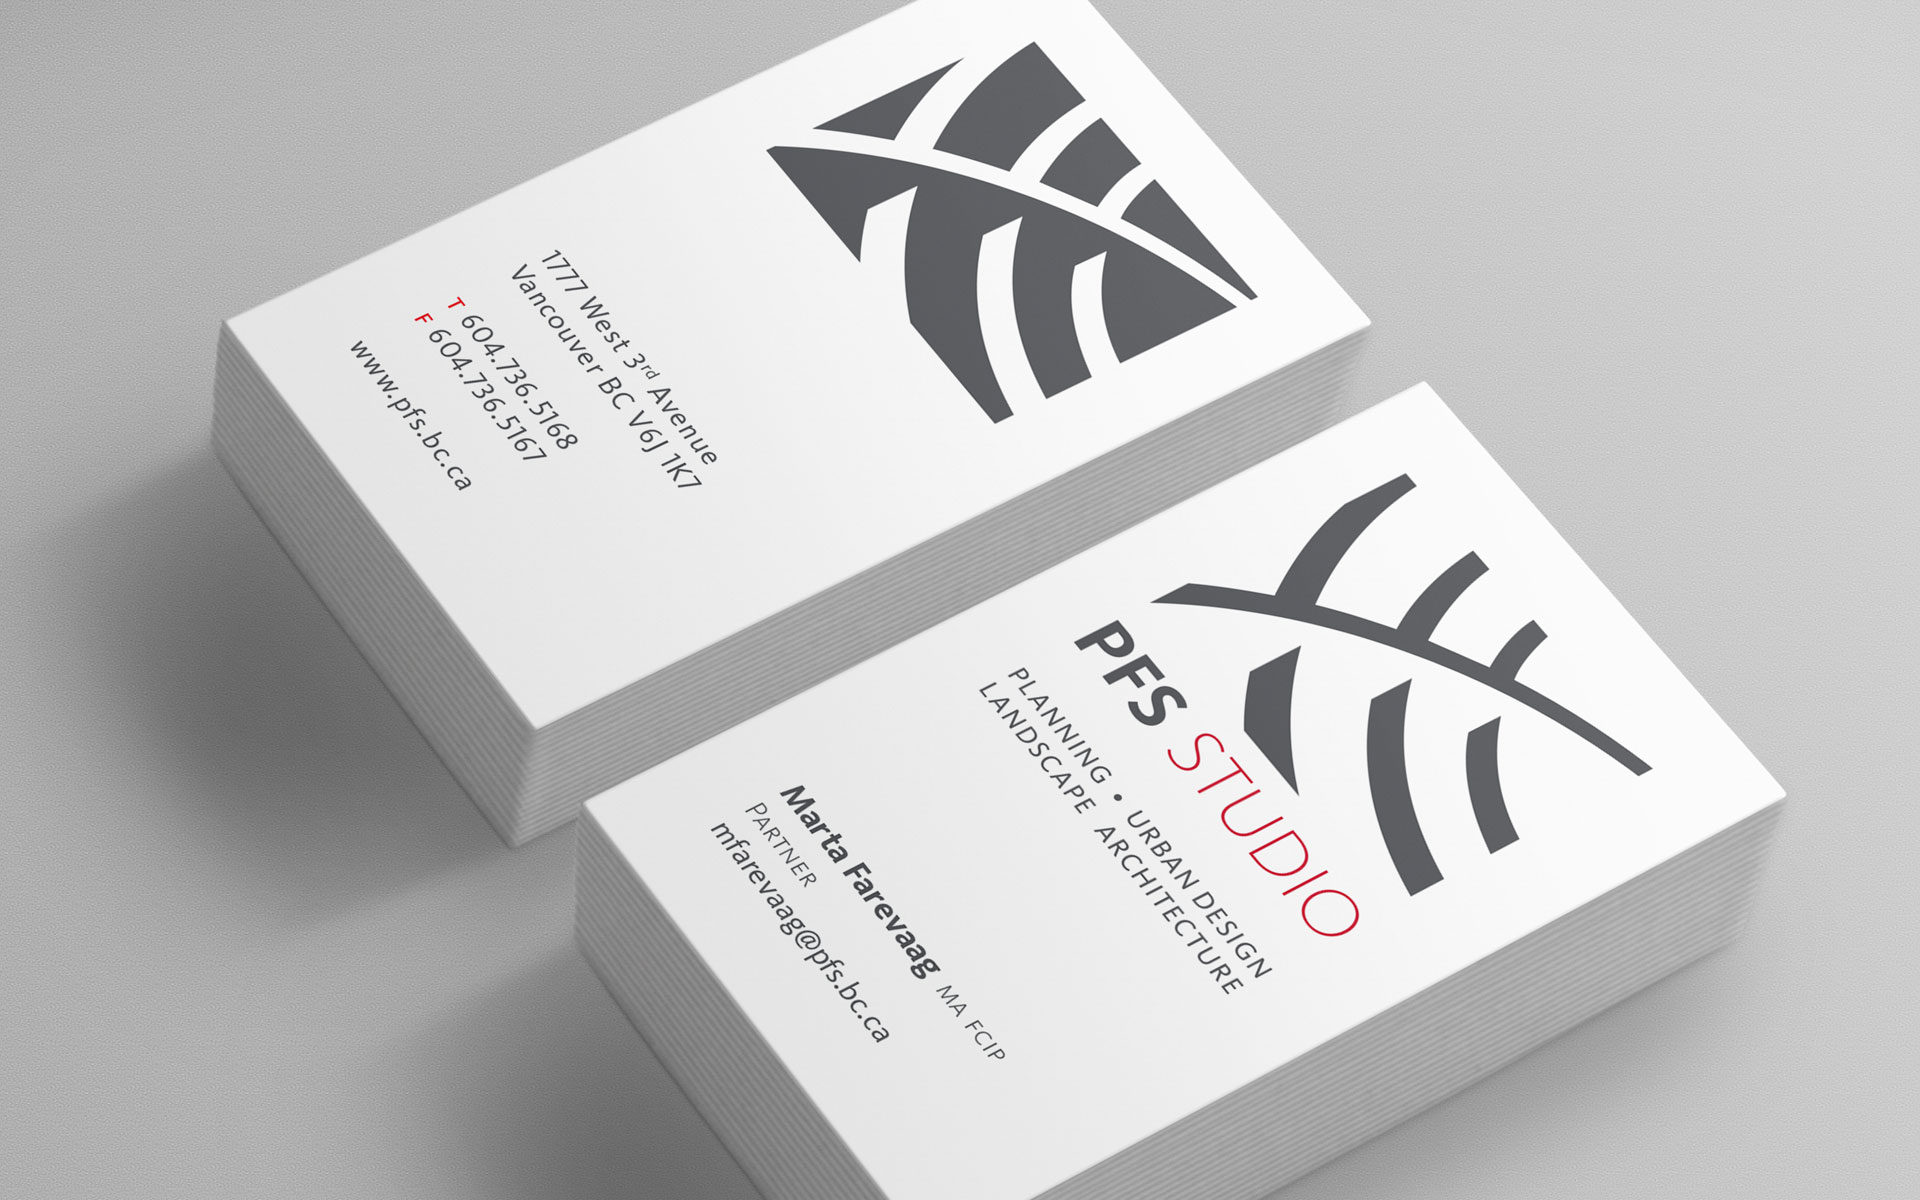 pfs-landscape-architecture-businescards